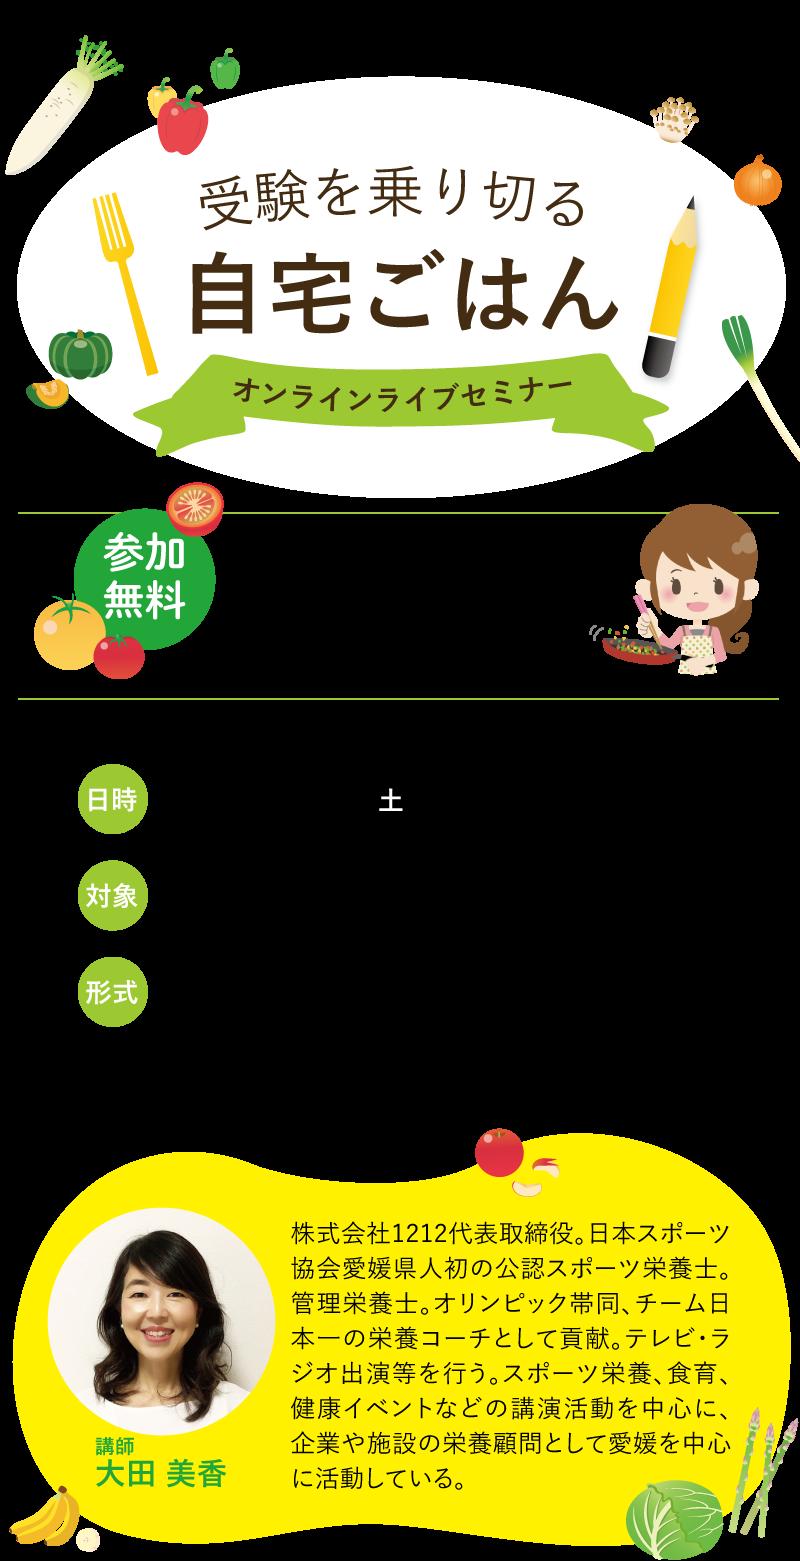 管理栄養士・大田 美香さんオンラインセミナー